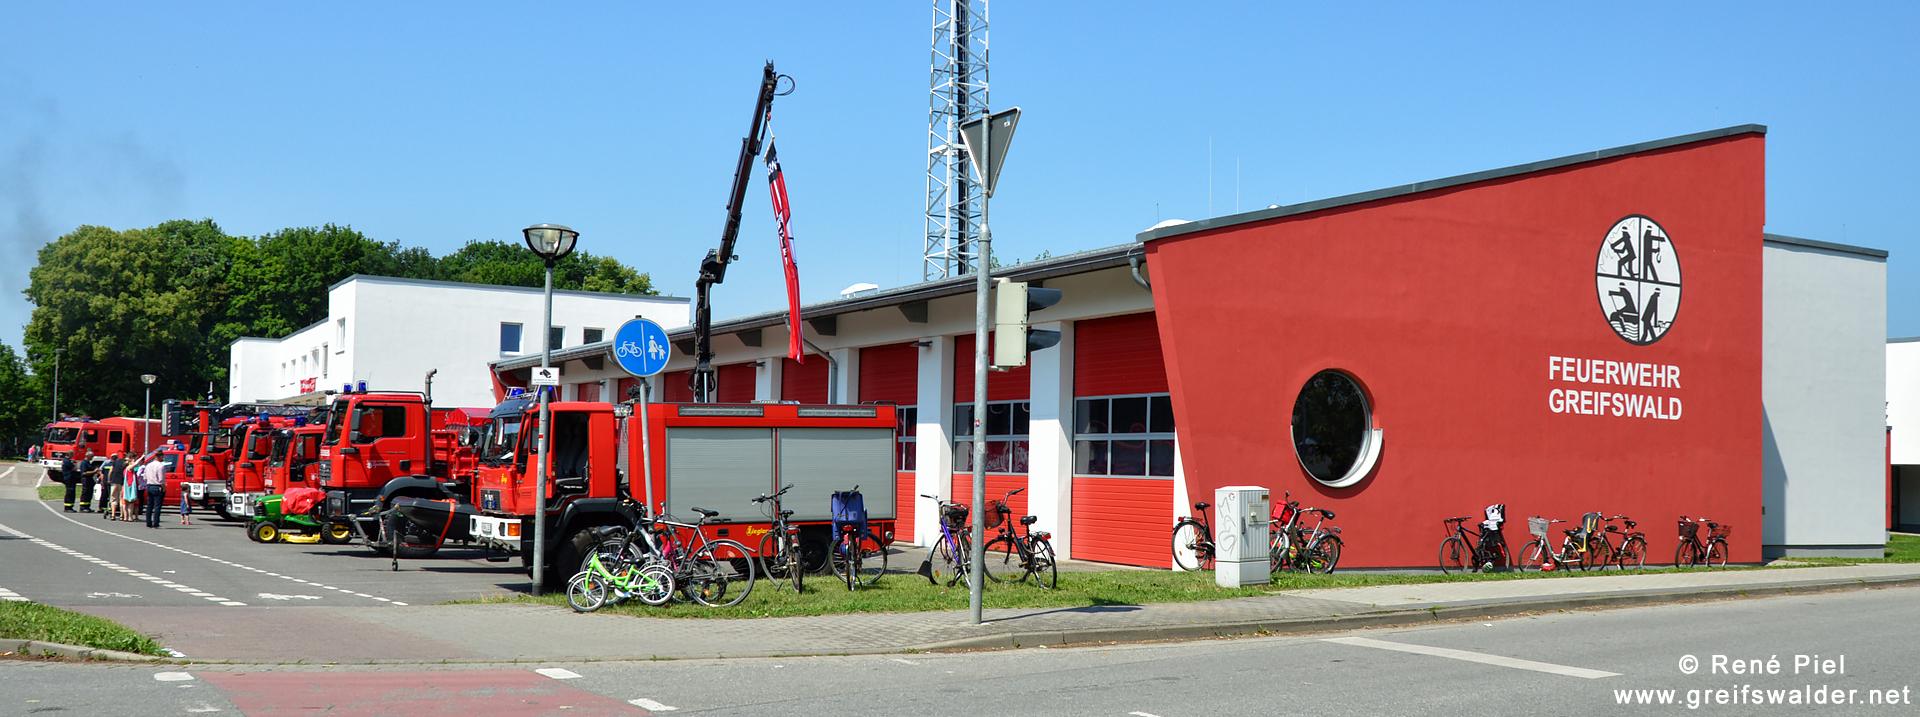 Feuerwehr Greifswald - Tag der offenen Tür (2016)